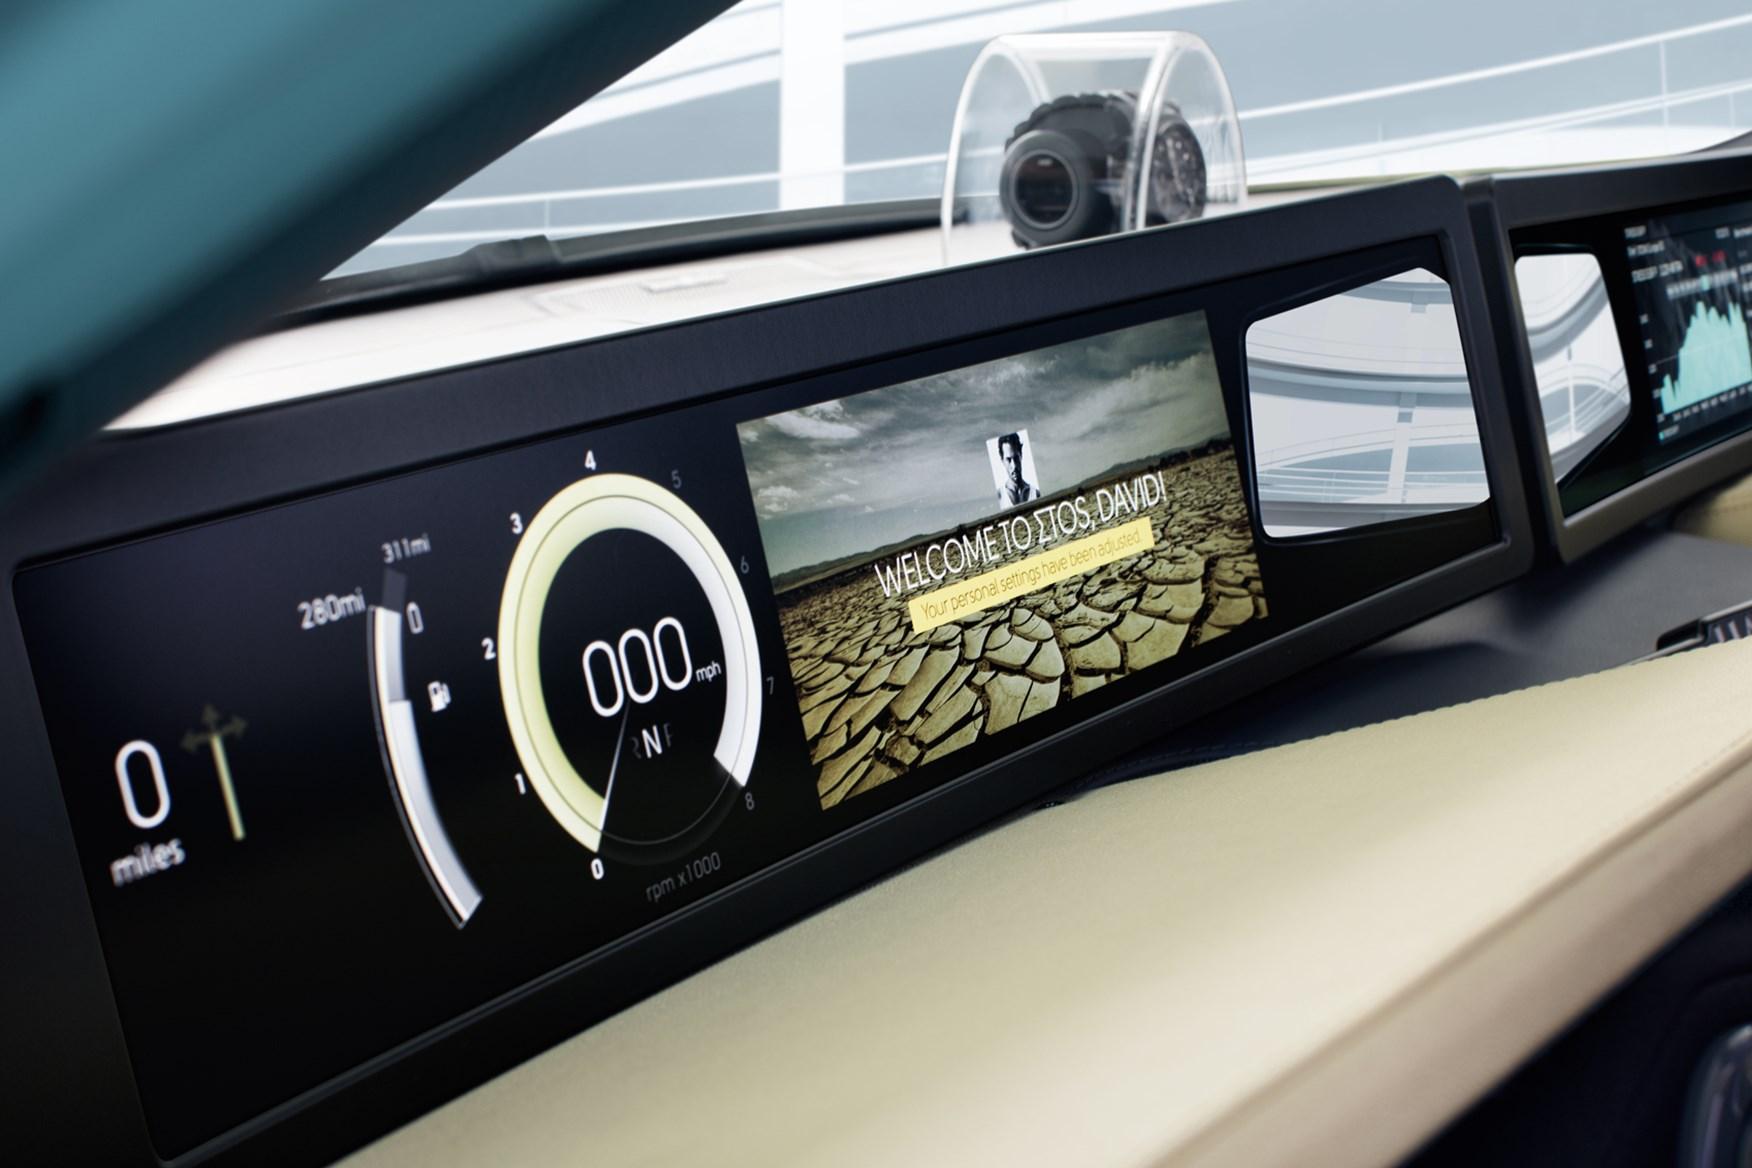 Rinspeed Etos based on BMW i Wheel HD Wallpaper